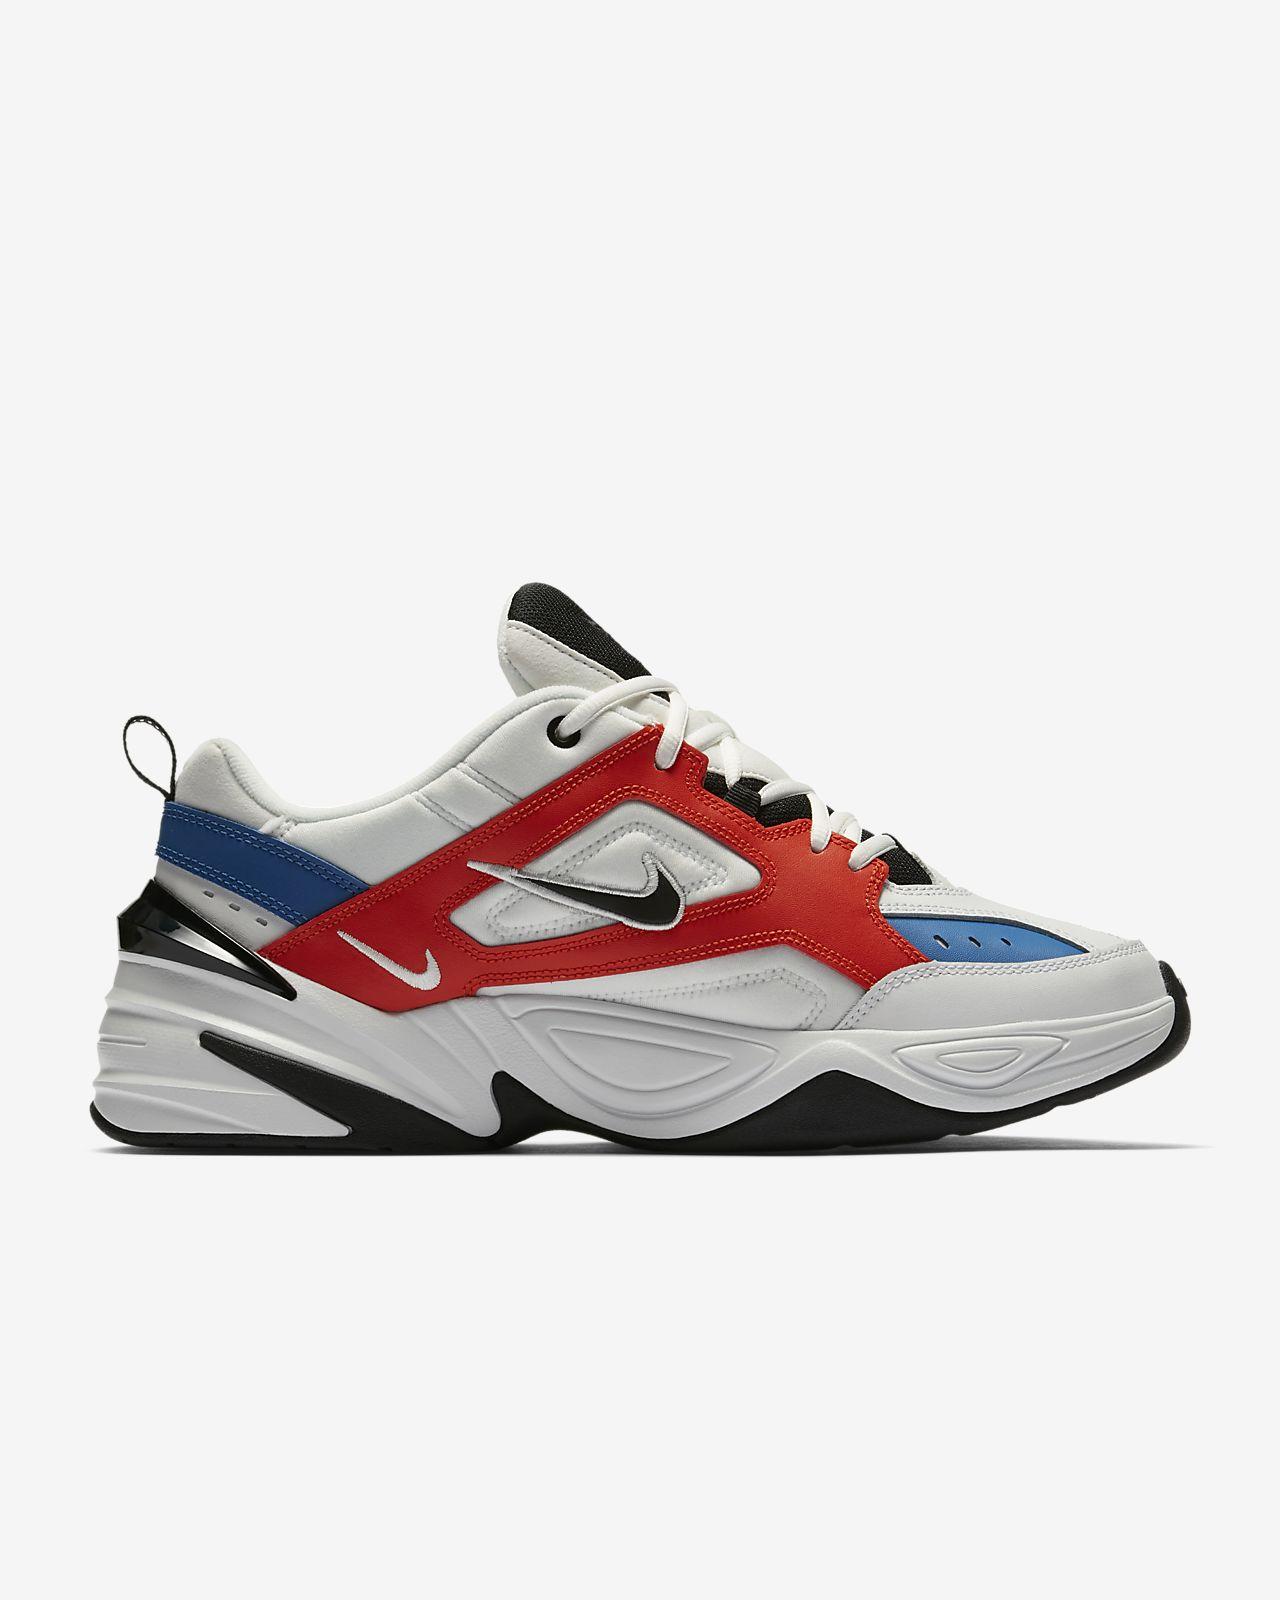 Nike M2k tekno orangebleu Blanc Blanc | Courir